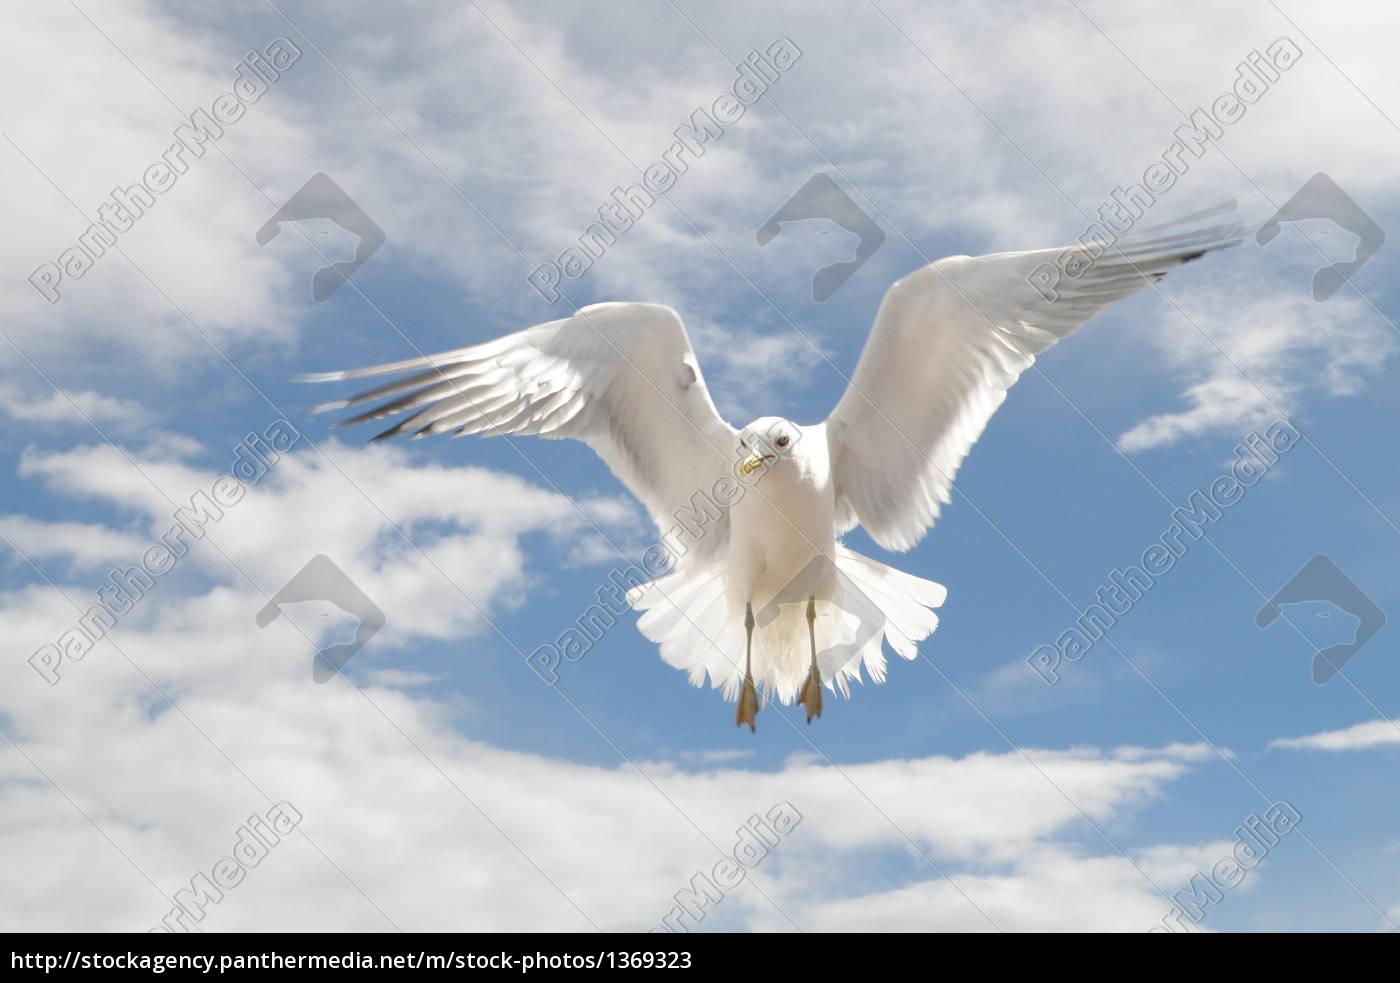 gull - 1369323